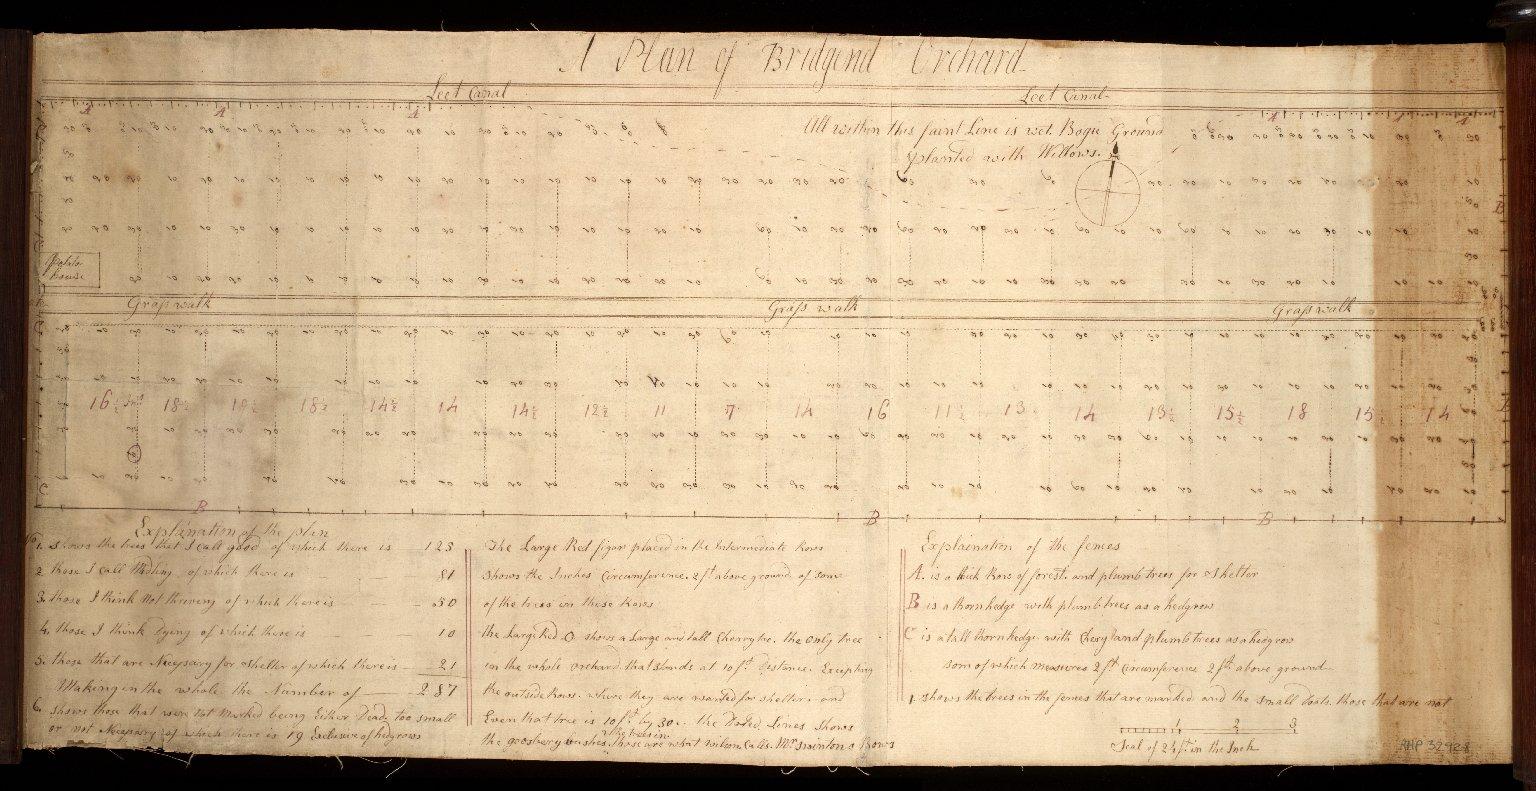 [Plan of Bridgend Orchard] [1 of 1]